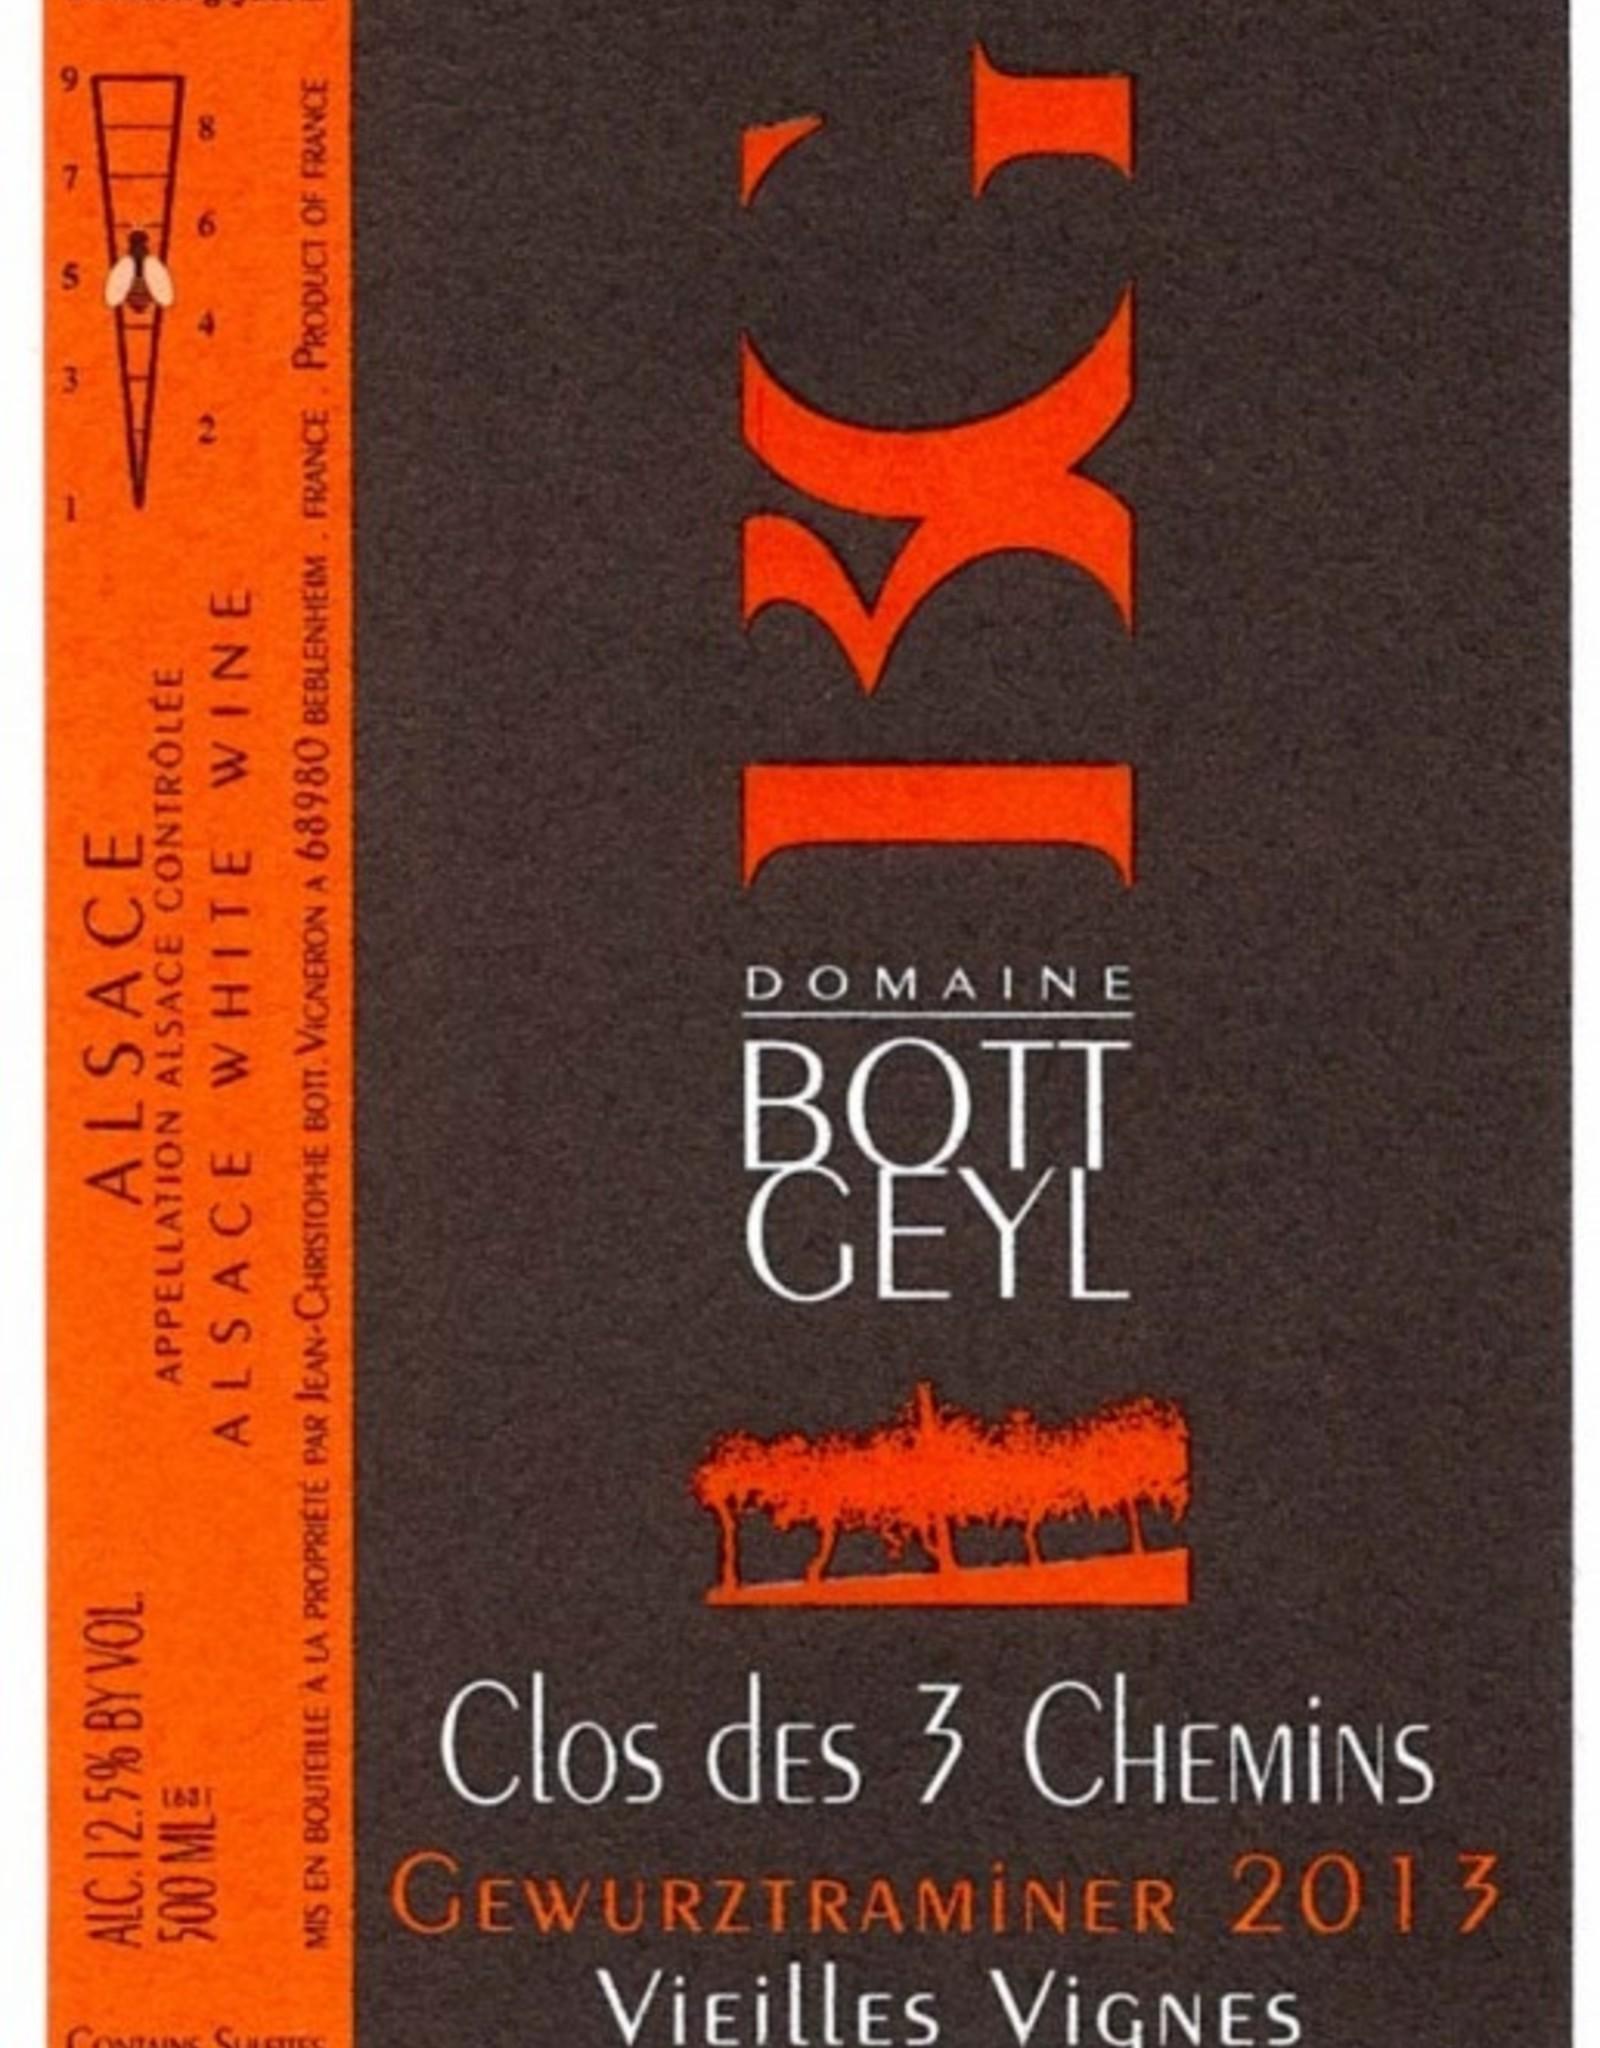 """Gewurztraminer, """"3 Chemins"""", Alsace, Bott-Geyl, 2013 (500 ml)"""